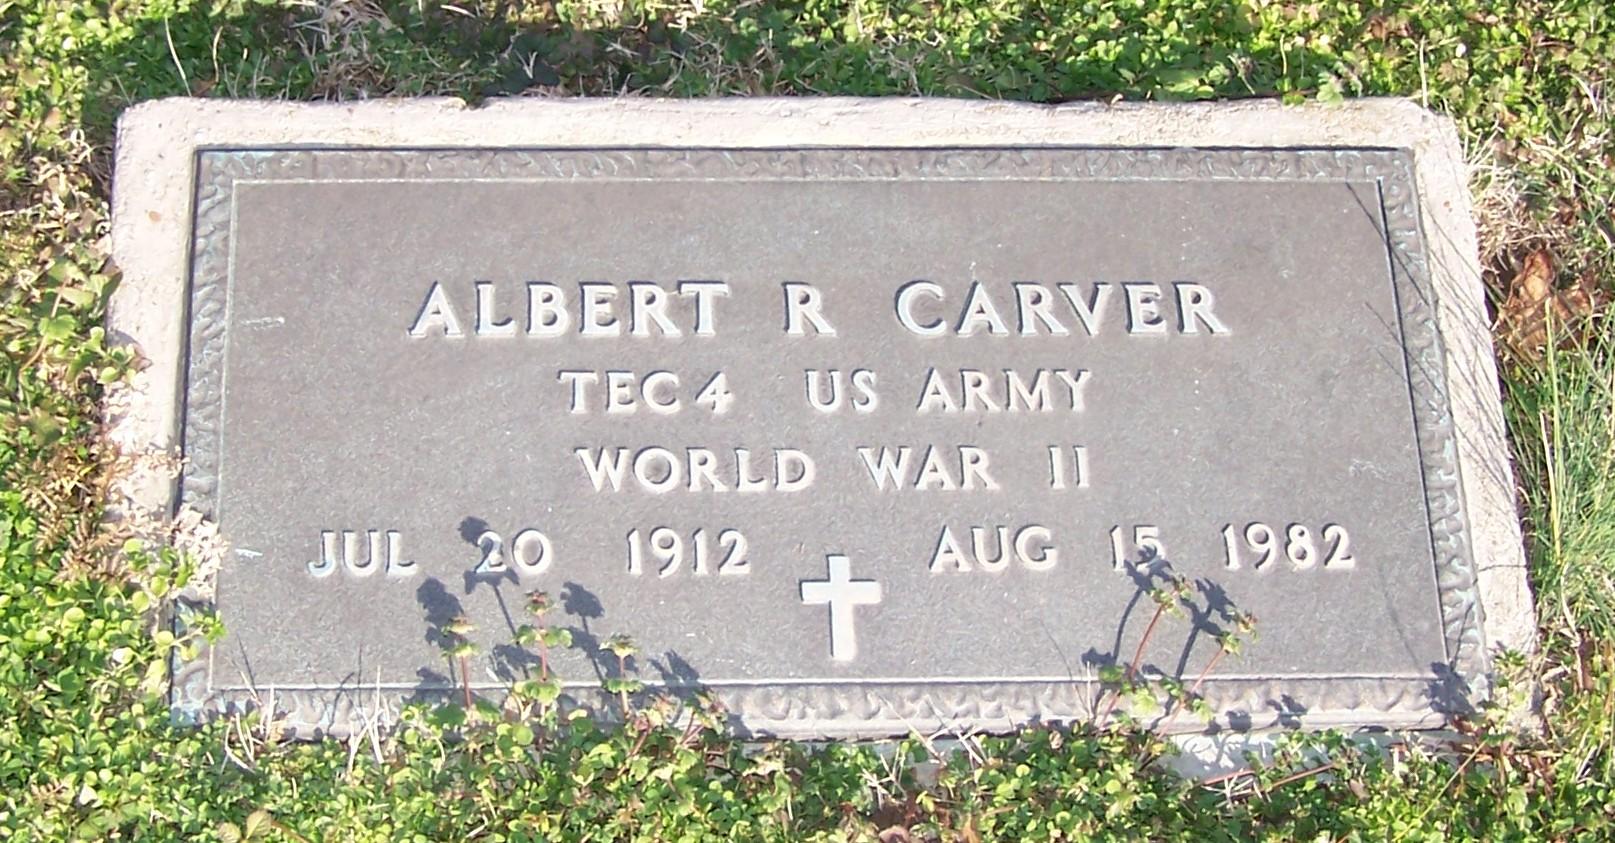 Albert R. Carver